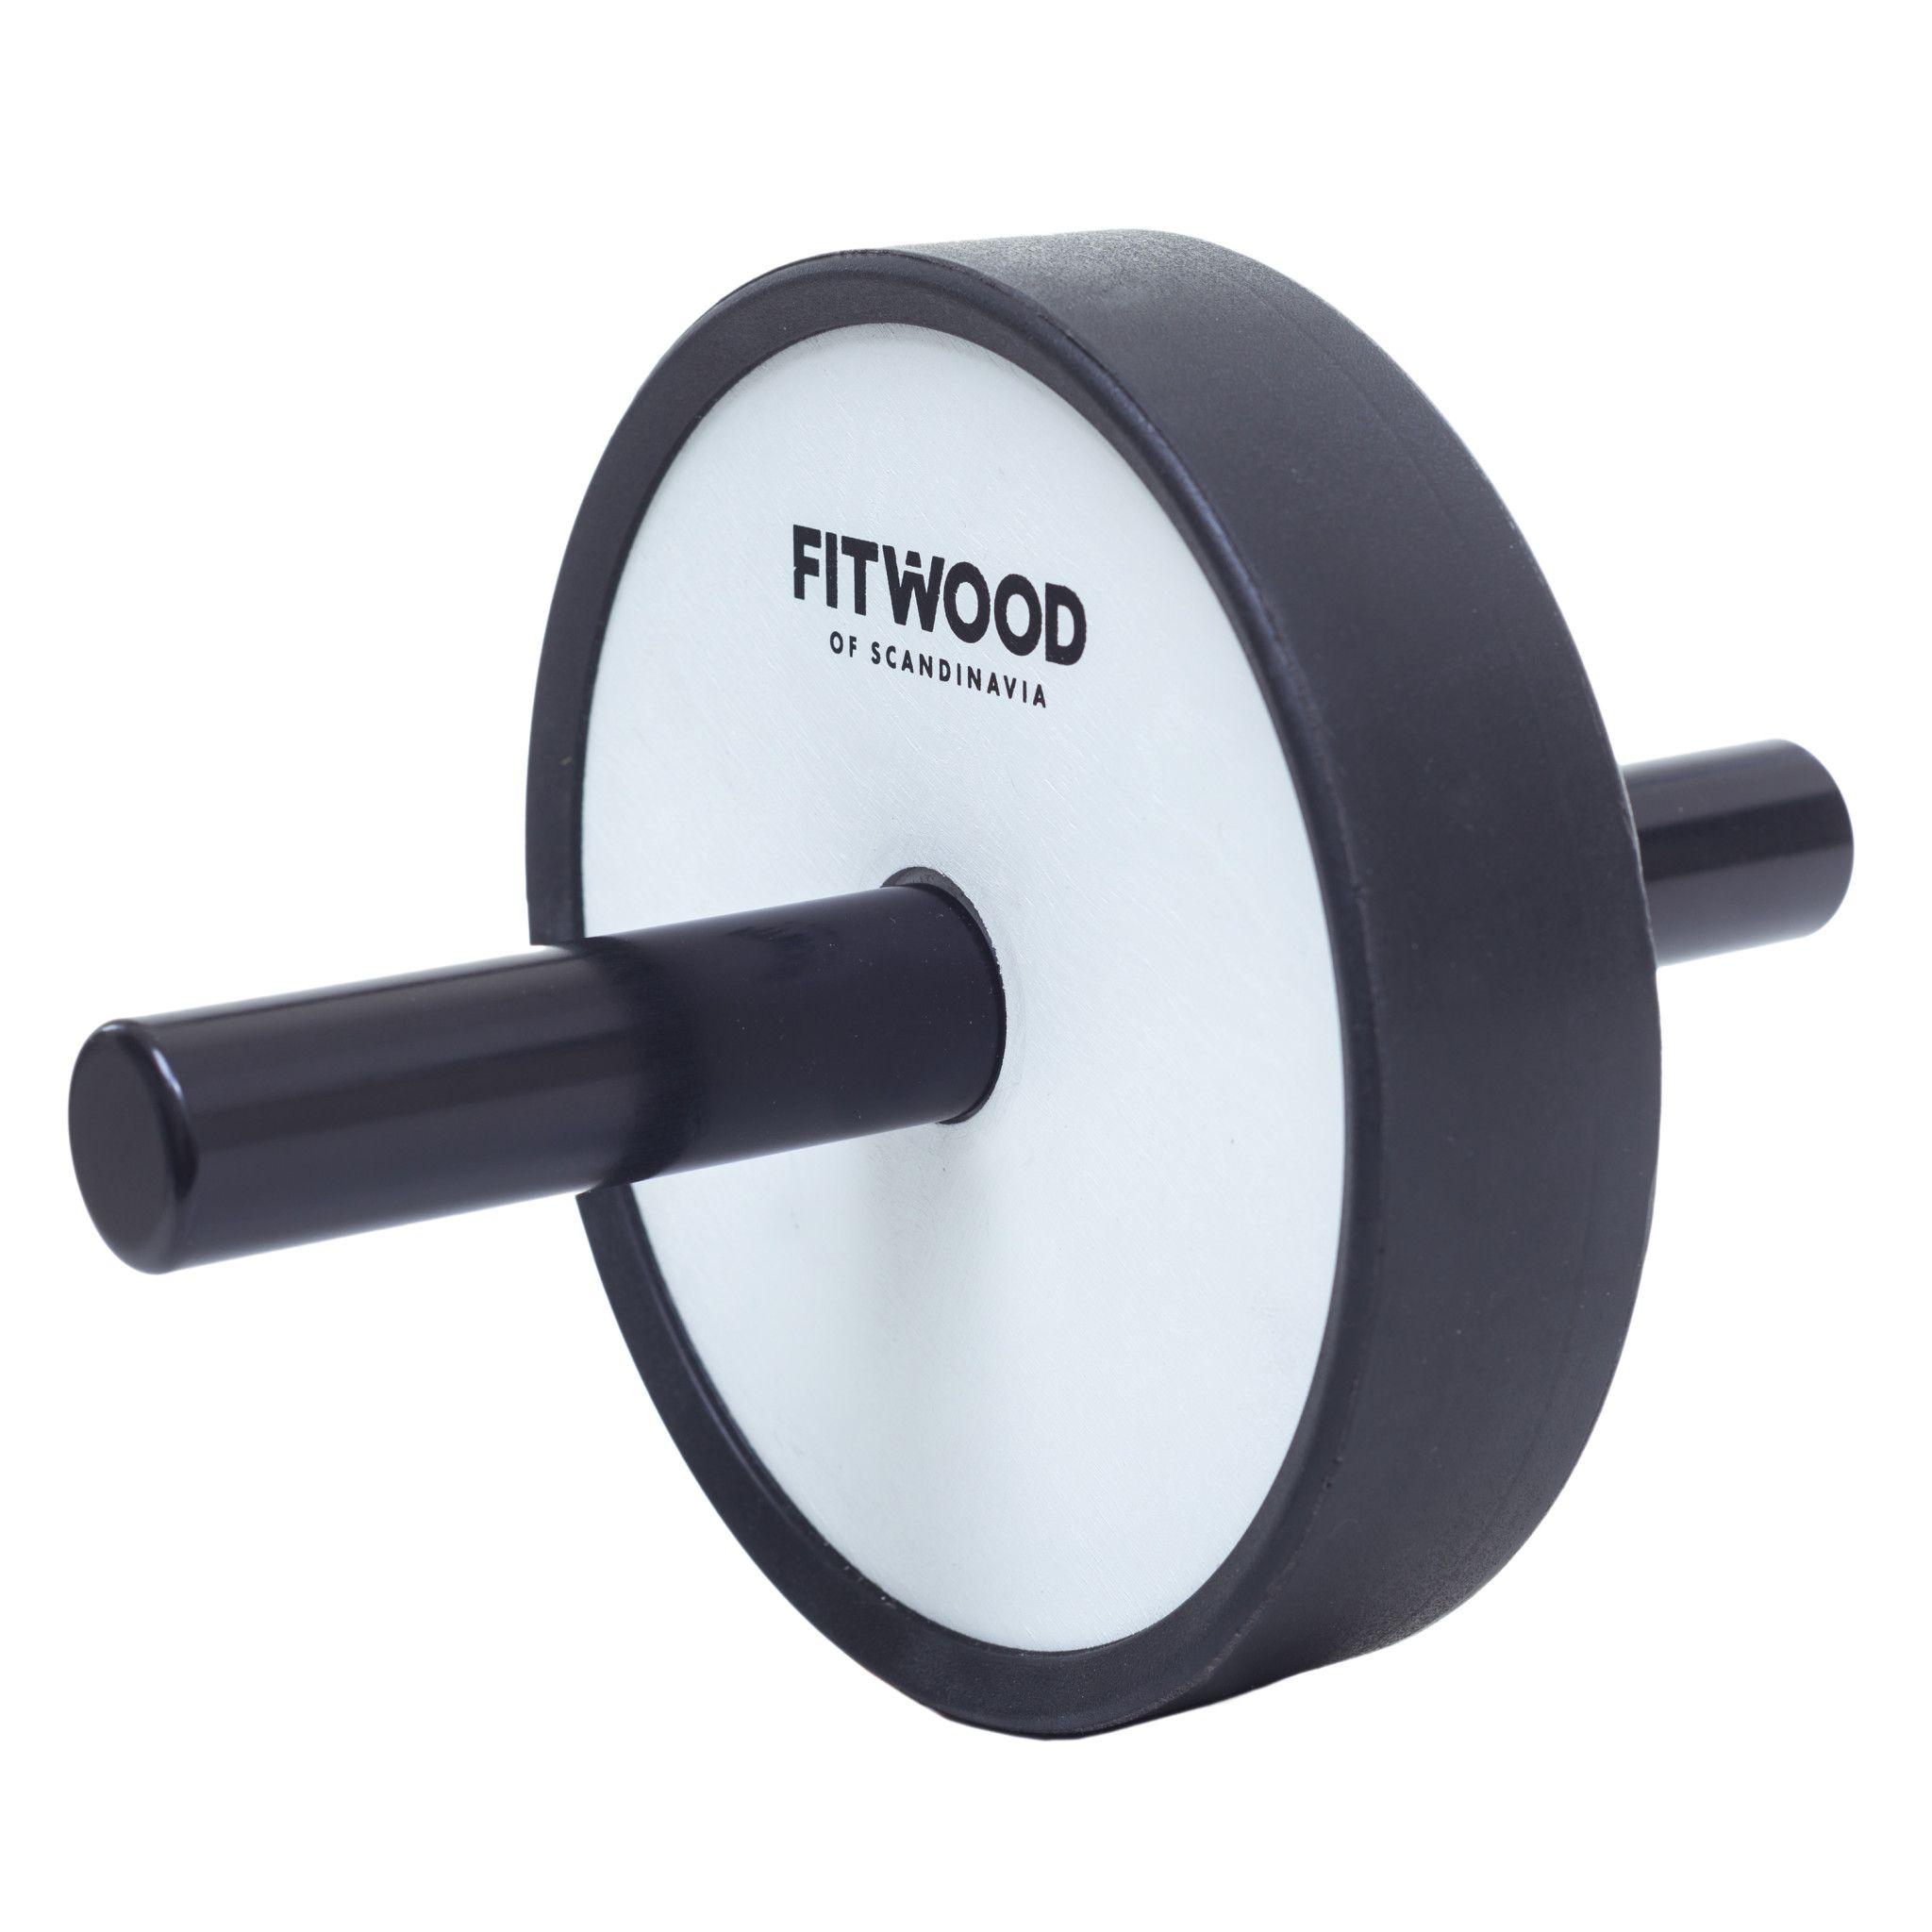 FitWood KJERAG on Suomessa koivuvanerista, alumiinista ja rosterista valmistettu voimapyörä, joka sopii kotisi sisustukseen. Tutustu ja tilaa heti!